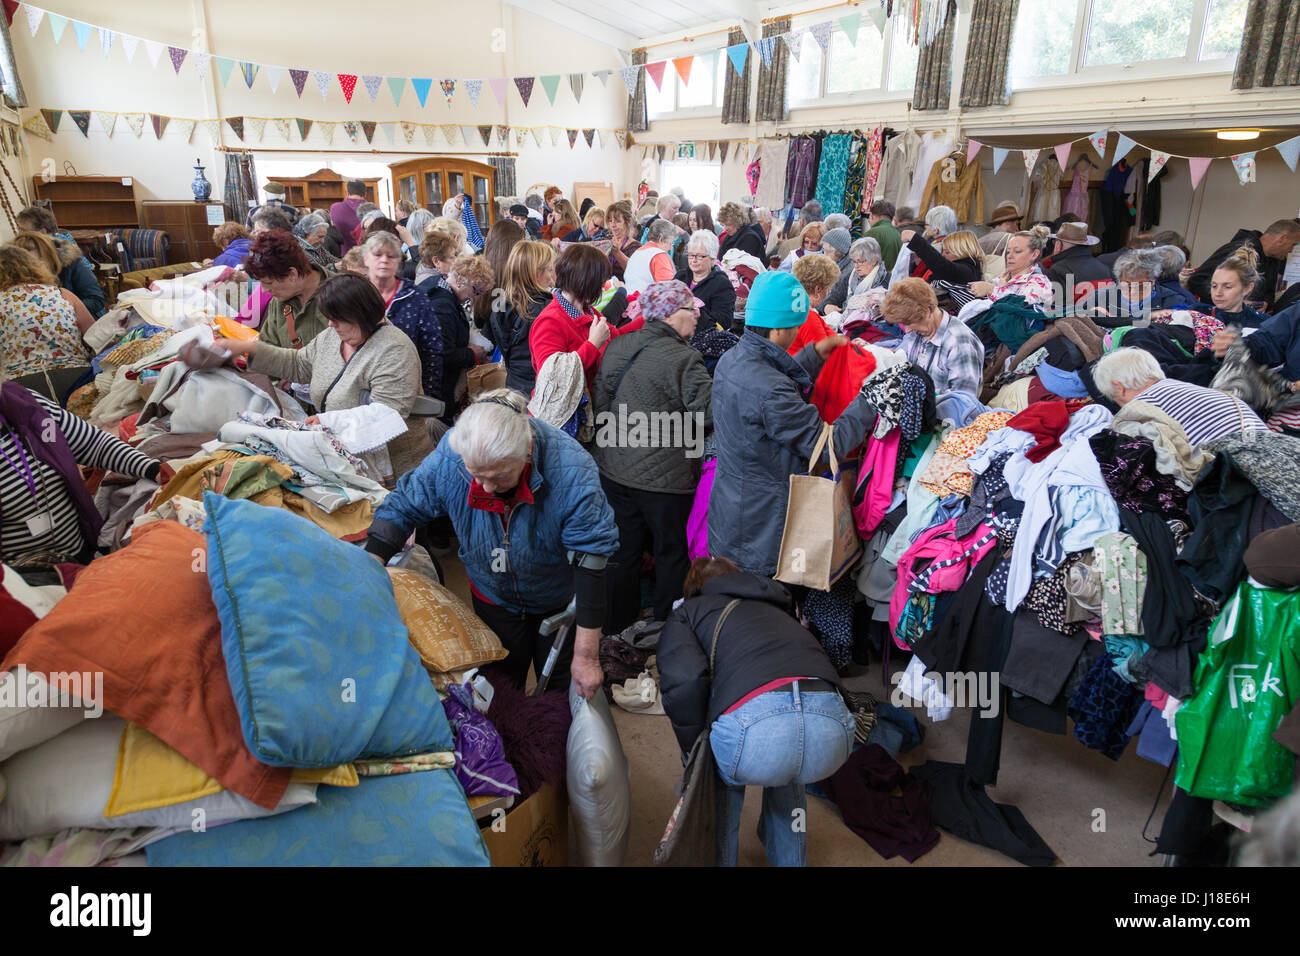 jumble sale, village hall, hamstreet, ashford, kent, uk - Stock Image